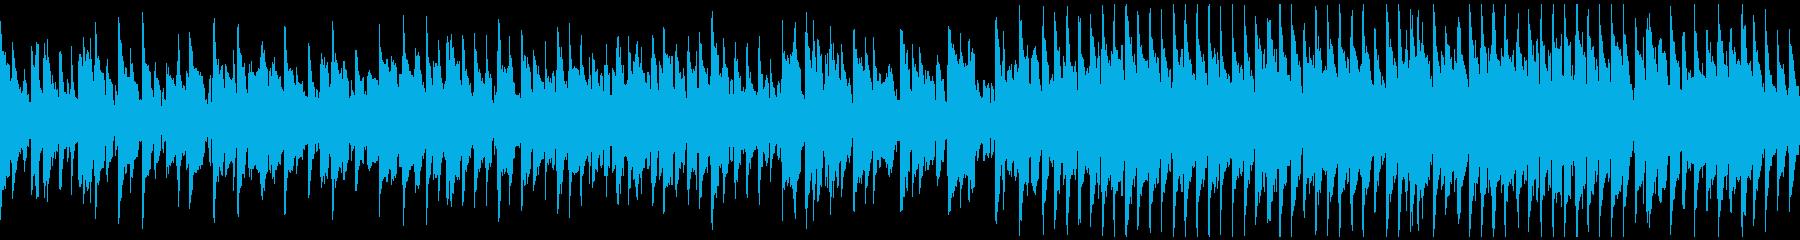 明るいリコーダー、軽快なリズム※ループ版の再生済みの波形